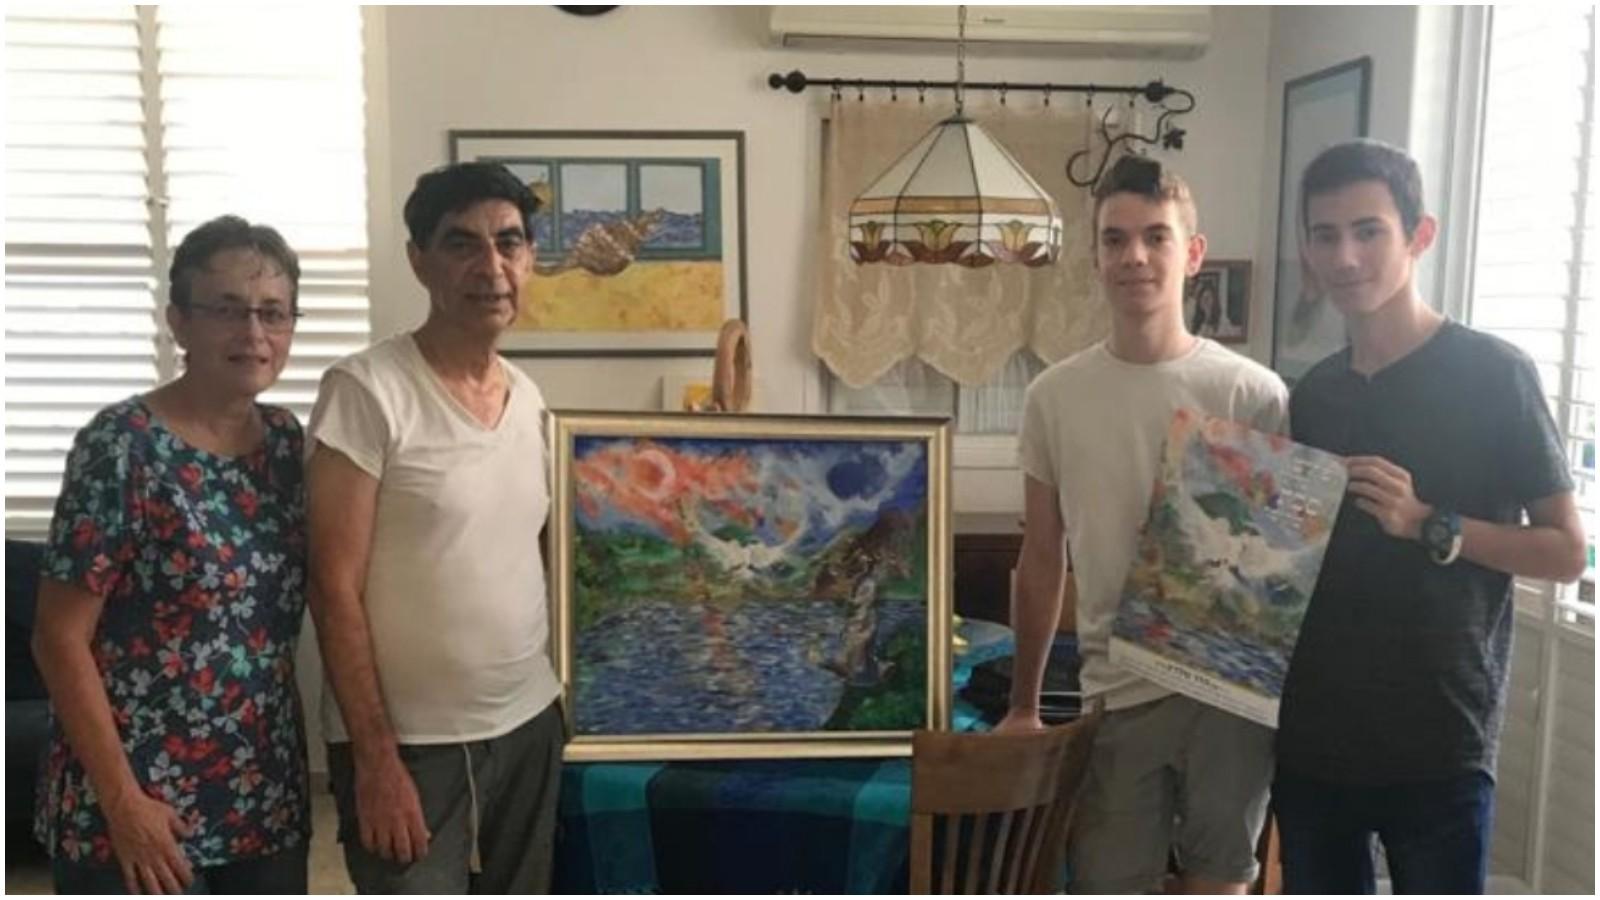 שי רוט וניר גלזר עם הוריו של הדר גולדין, שמחה ולאה, עם הכרזה לסוכה שעליה ציורו של הדר